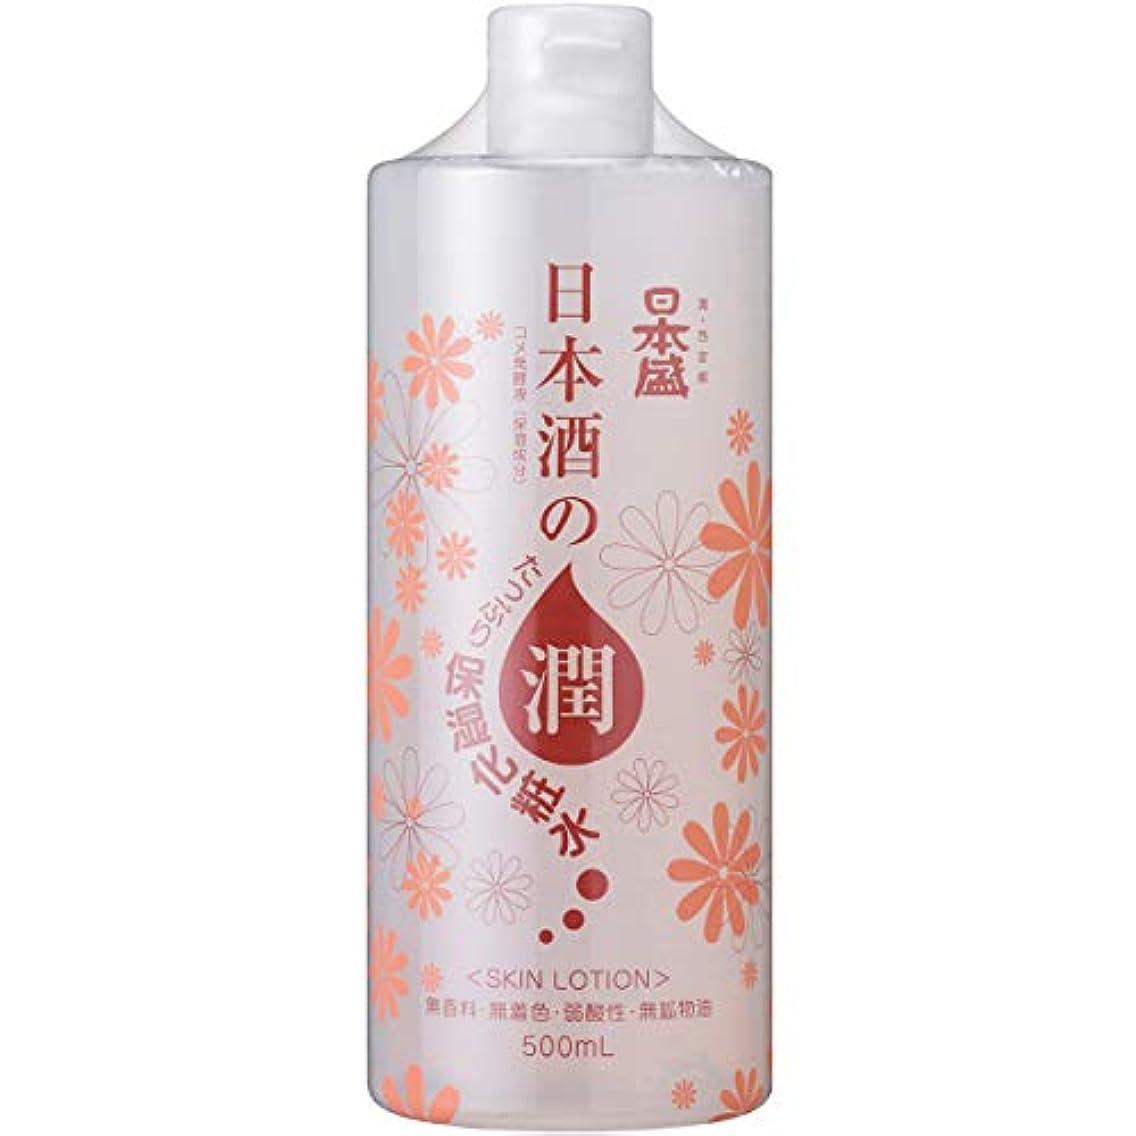 国内の在庫些細日本酒の保湿化粧水 500mL